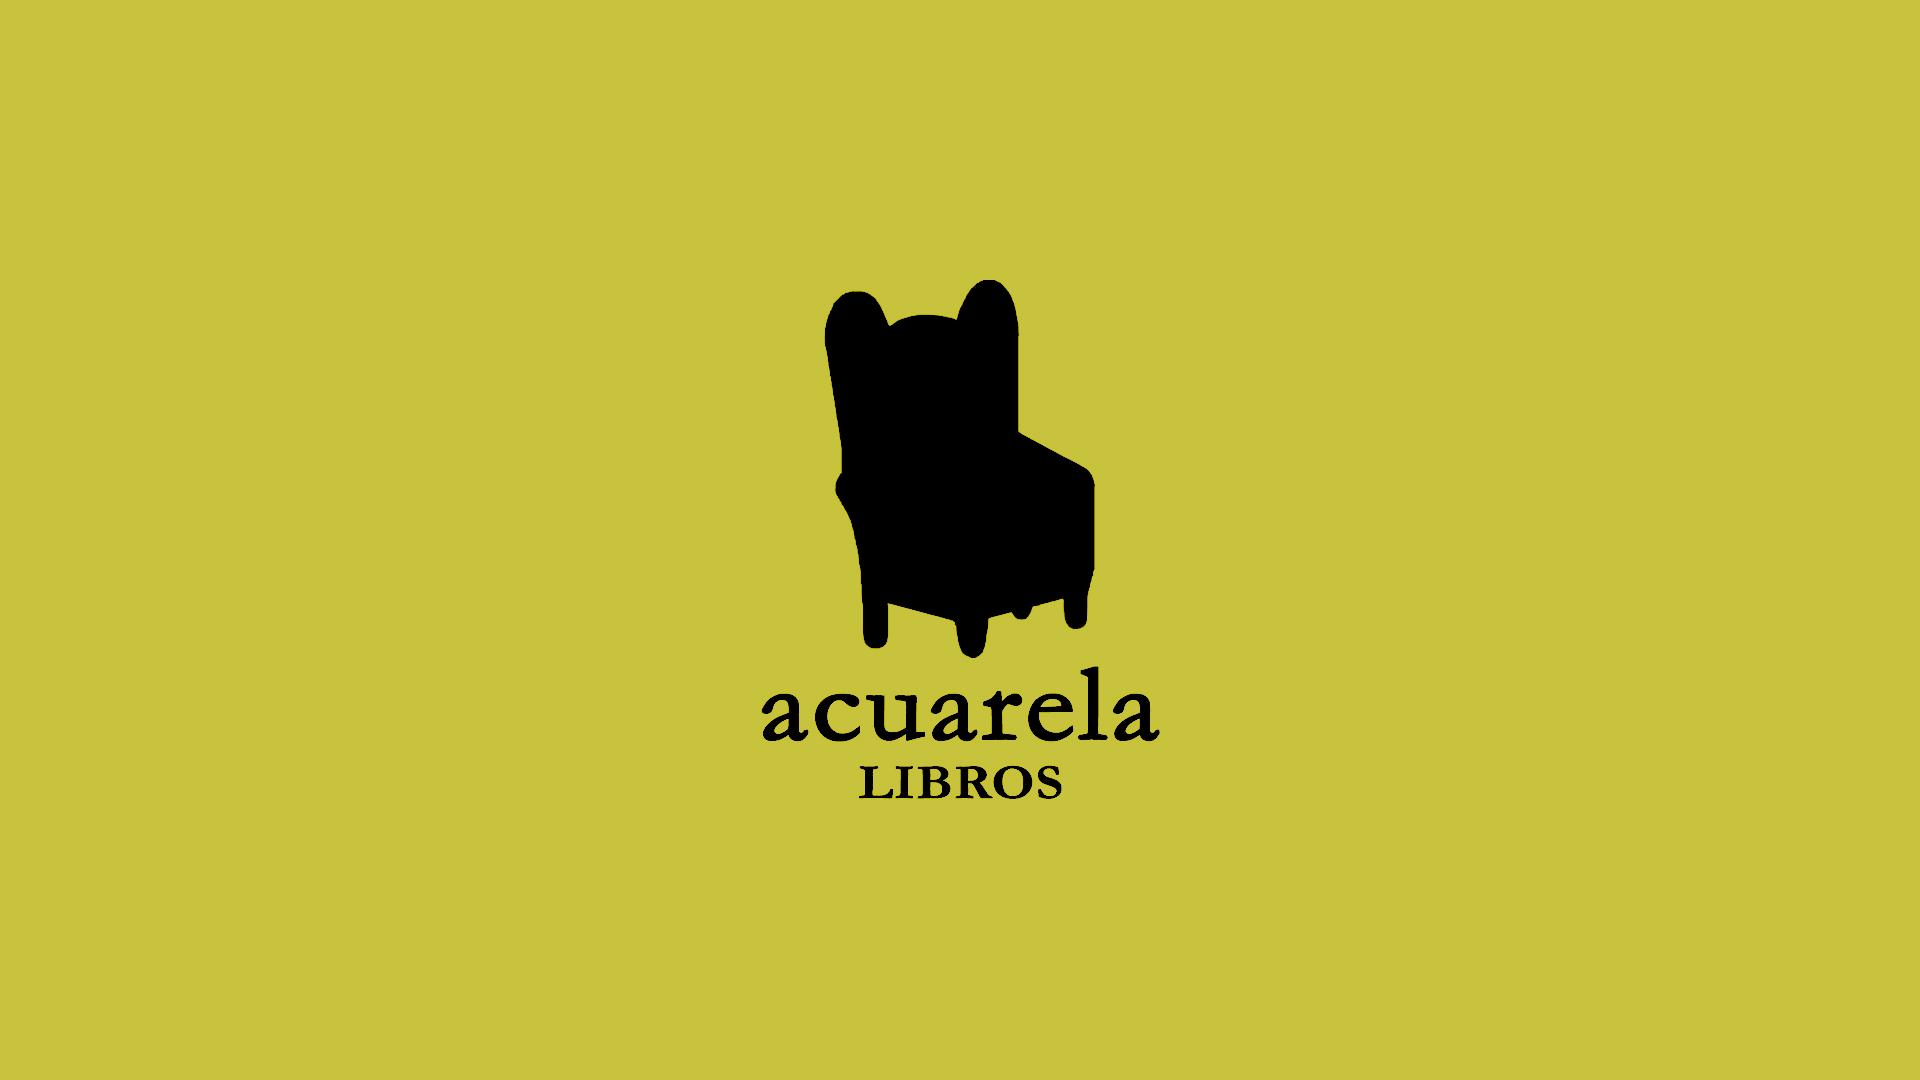 Acuarela Libros, web hecha por murciègalo